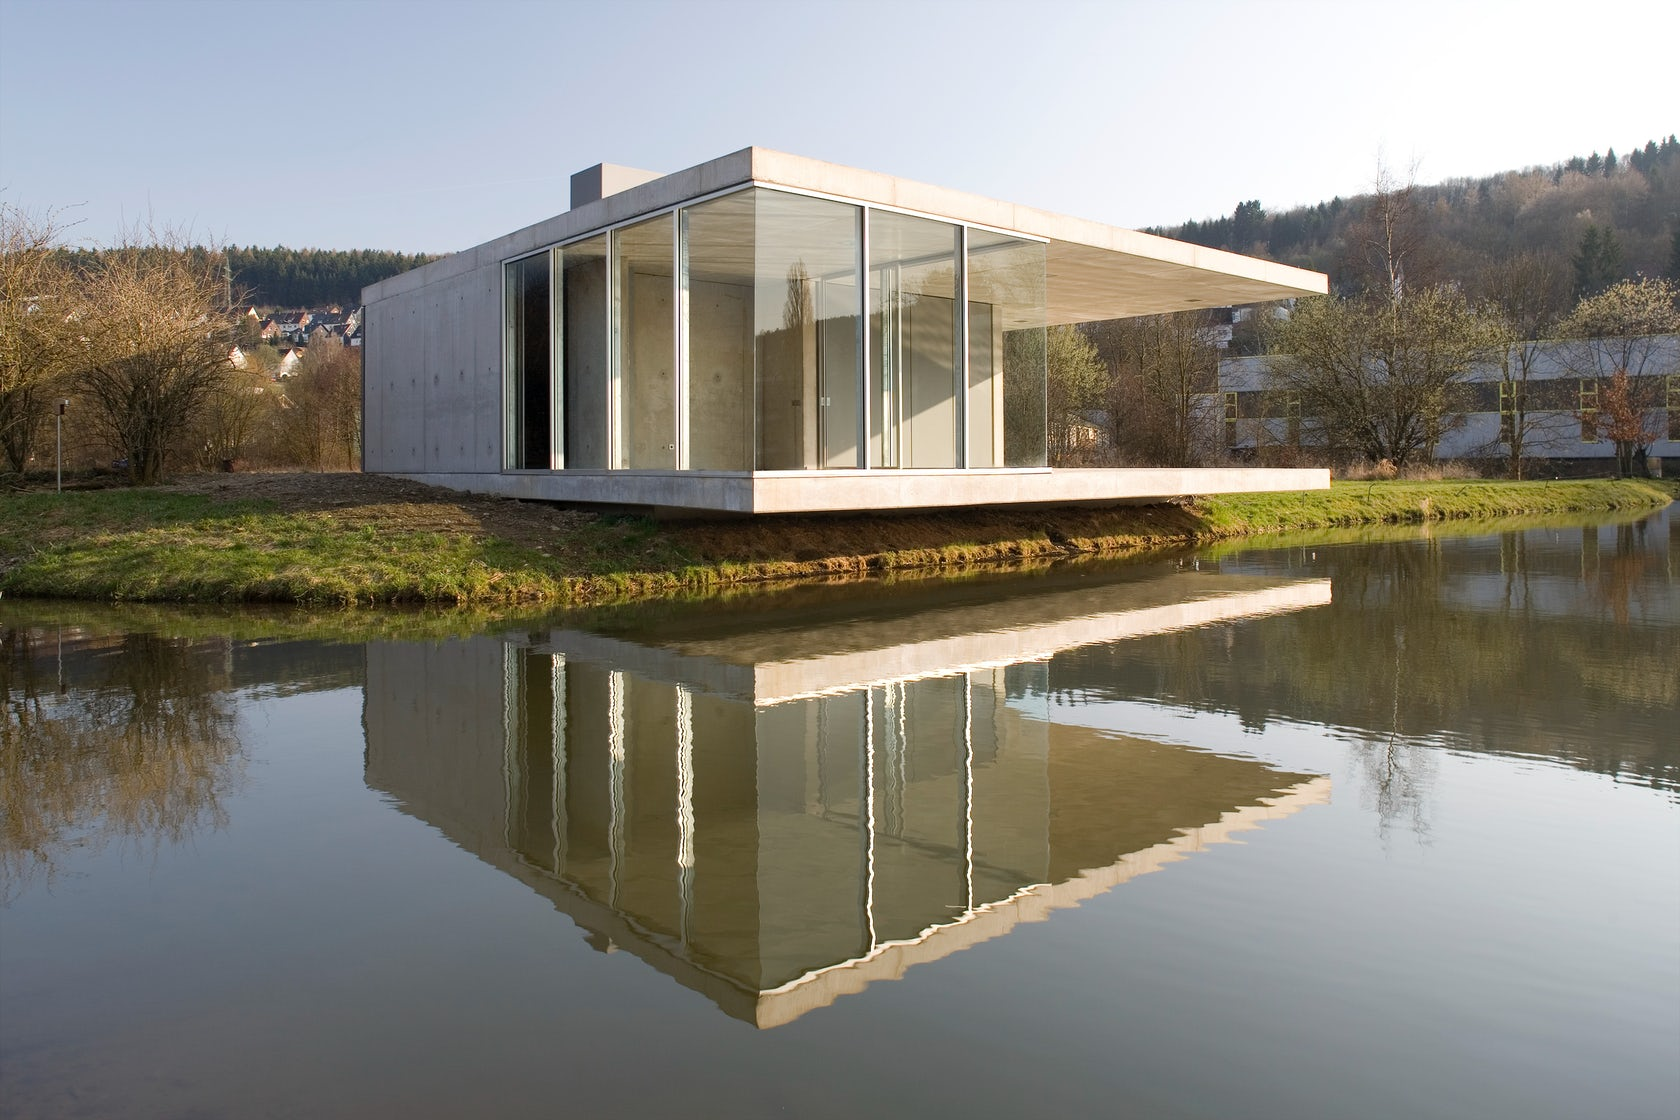 Pavilion siegen architizer - Skelettbau architektur ...